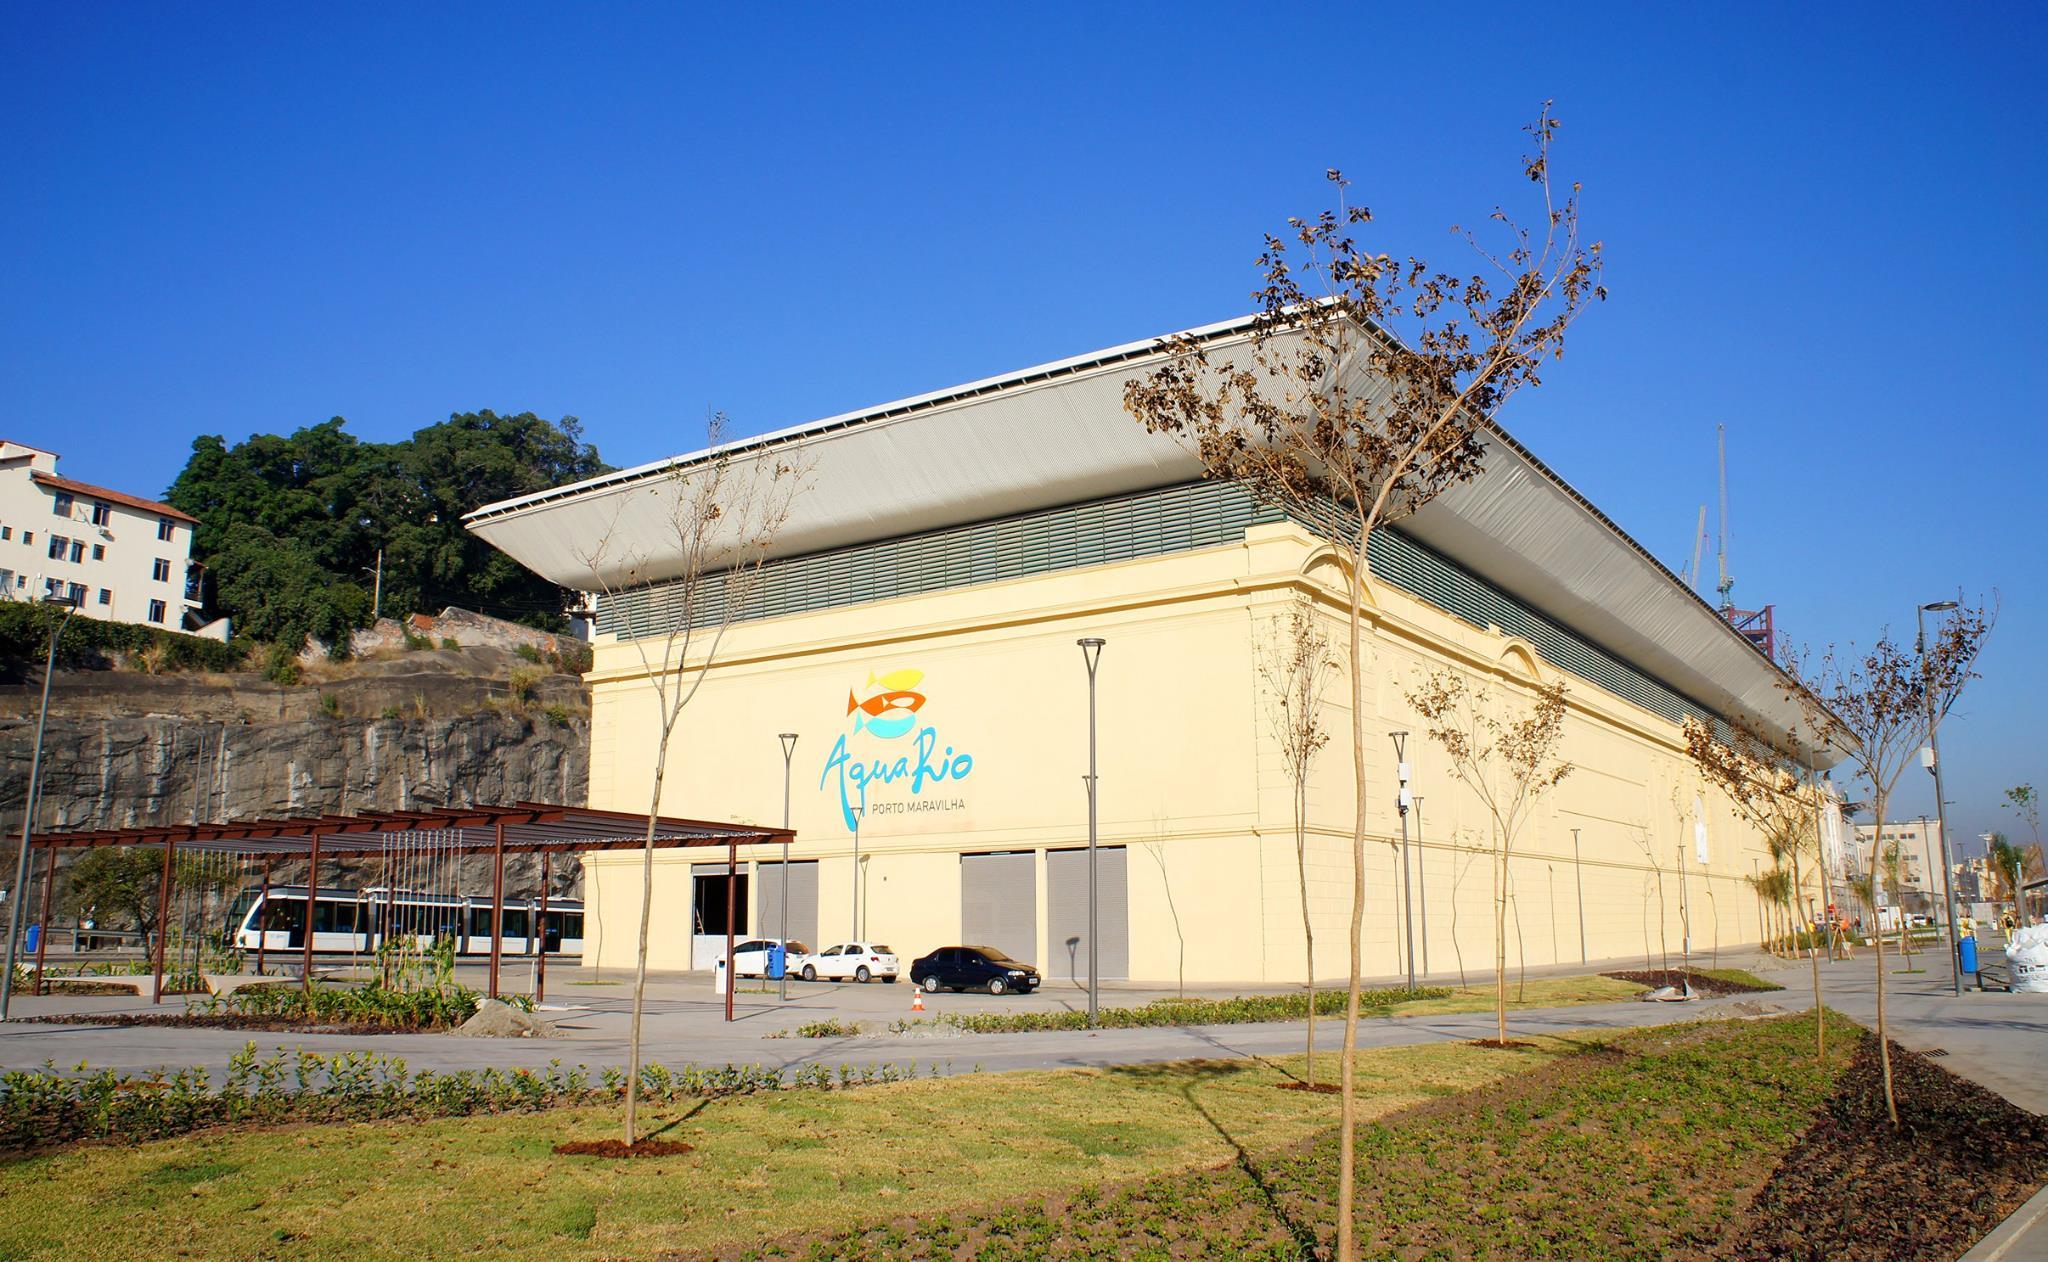 A fachada do AquaRio, que fica localizado na região do Porto Maravilha, próximo ao Museu do Amanhã (Crédito: Agnnaldo Motta/Divulgação)